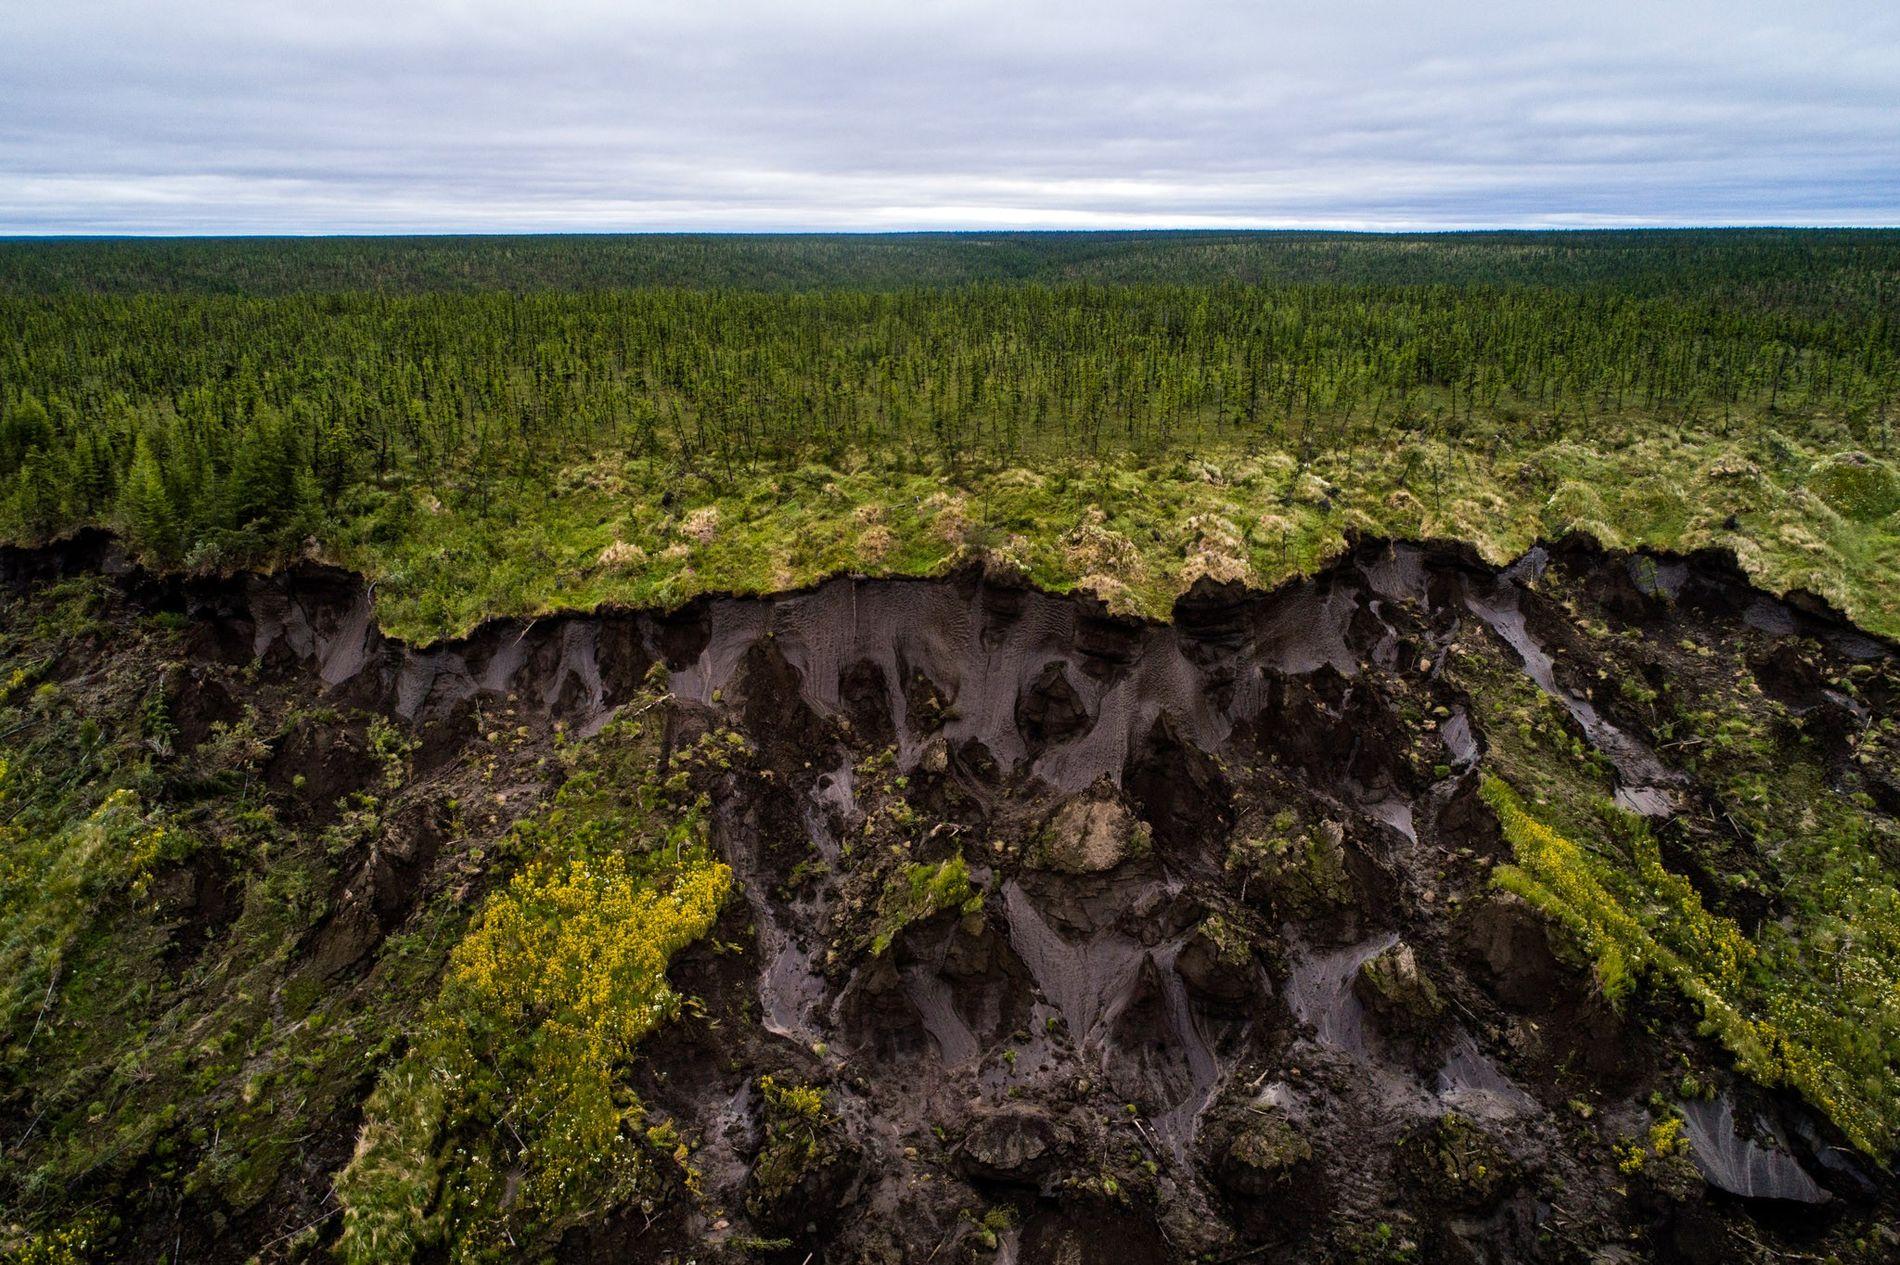 O chão afunda em Duvanny Yar, um megadesmoronamento de permafrost ao longo do rio Kolyma no norte da Sibéria. Novos estudos sugerem que parte da terra no Alasca Ártico e na Rússia nem sequer congelam mais. Este local de constantes deslizamentos móveis, causados pela erosão e acelerados pelo aumento das temperaturas, é um local importante de pesquisa para os cientistas, que o utilizam para monitorar o que acontece quando começa o derretimento em uma região rica em carbono congelada há séculos.